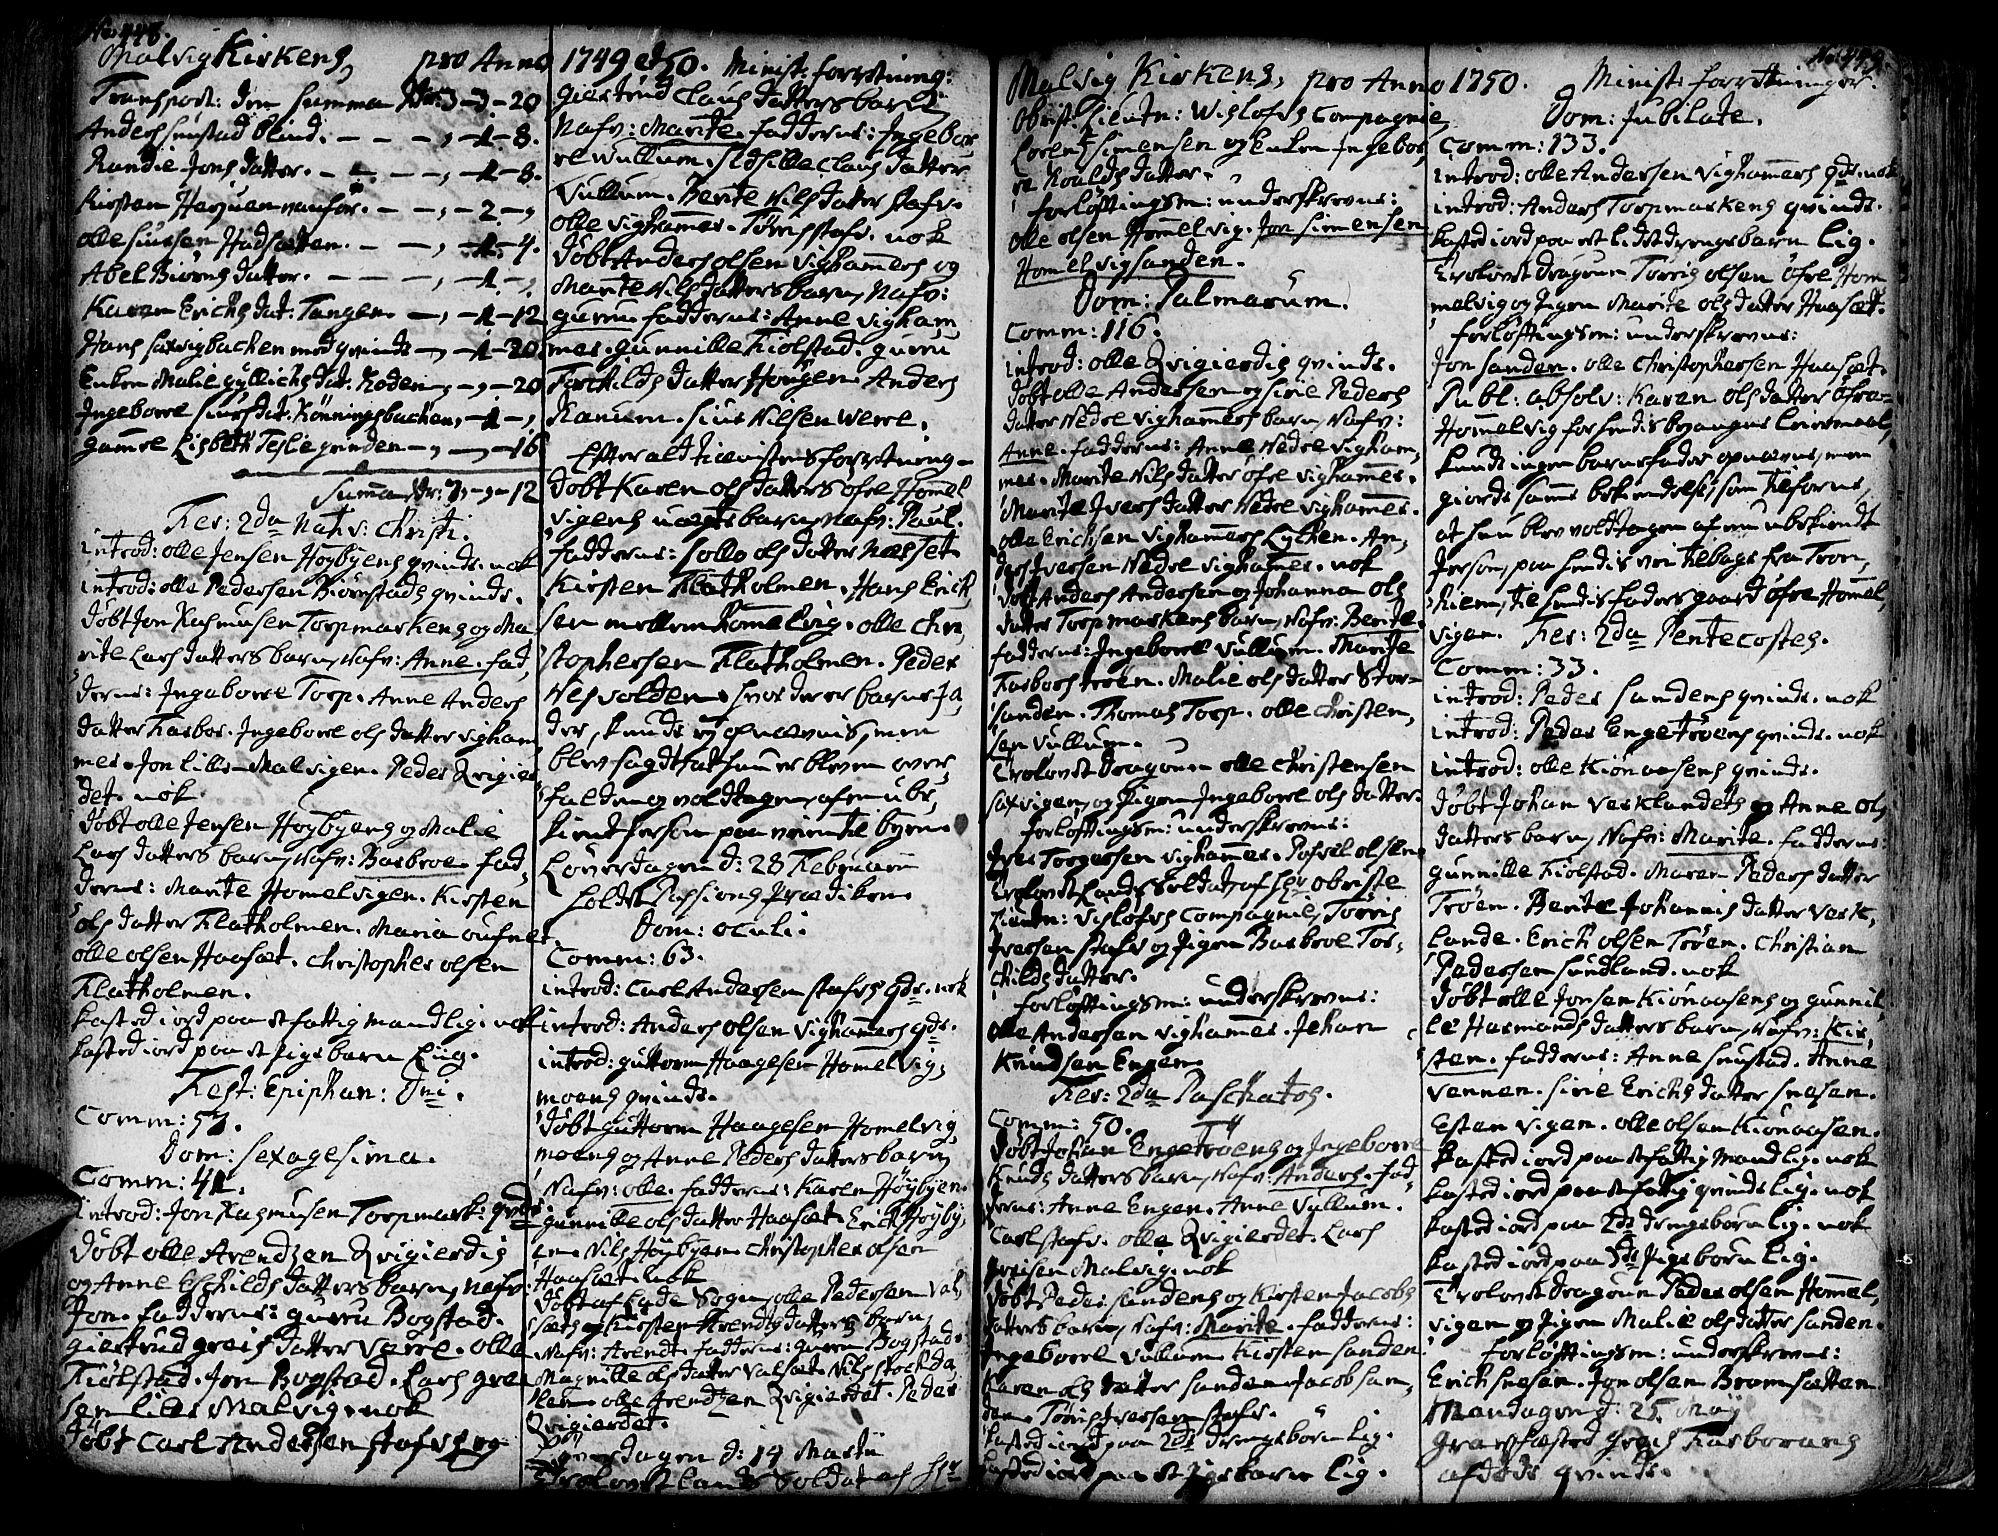 SAT, Ministerialprotokoller, klokkerbøker og fødselsregistre - Sør-Trøndelag, 606/L0277: Ministerialbok nr. 606A01 /3, 1727-1780, s. 448-449